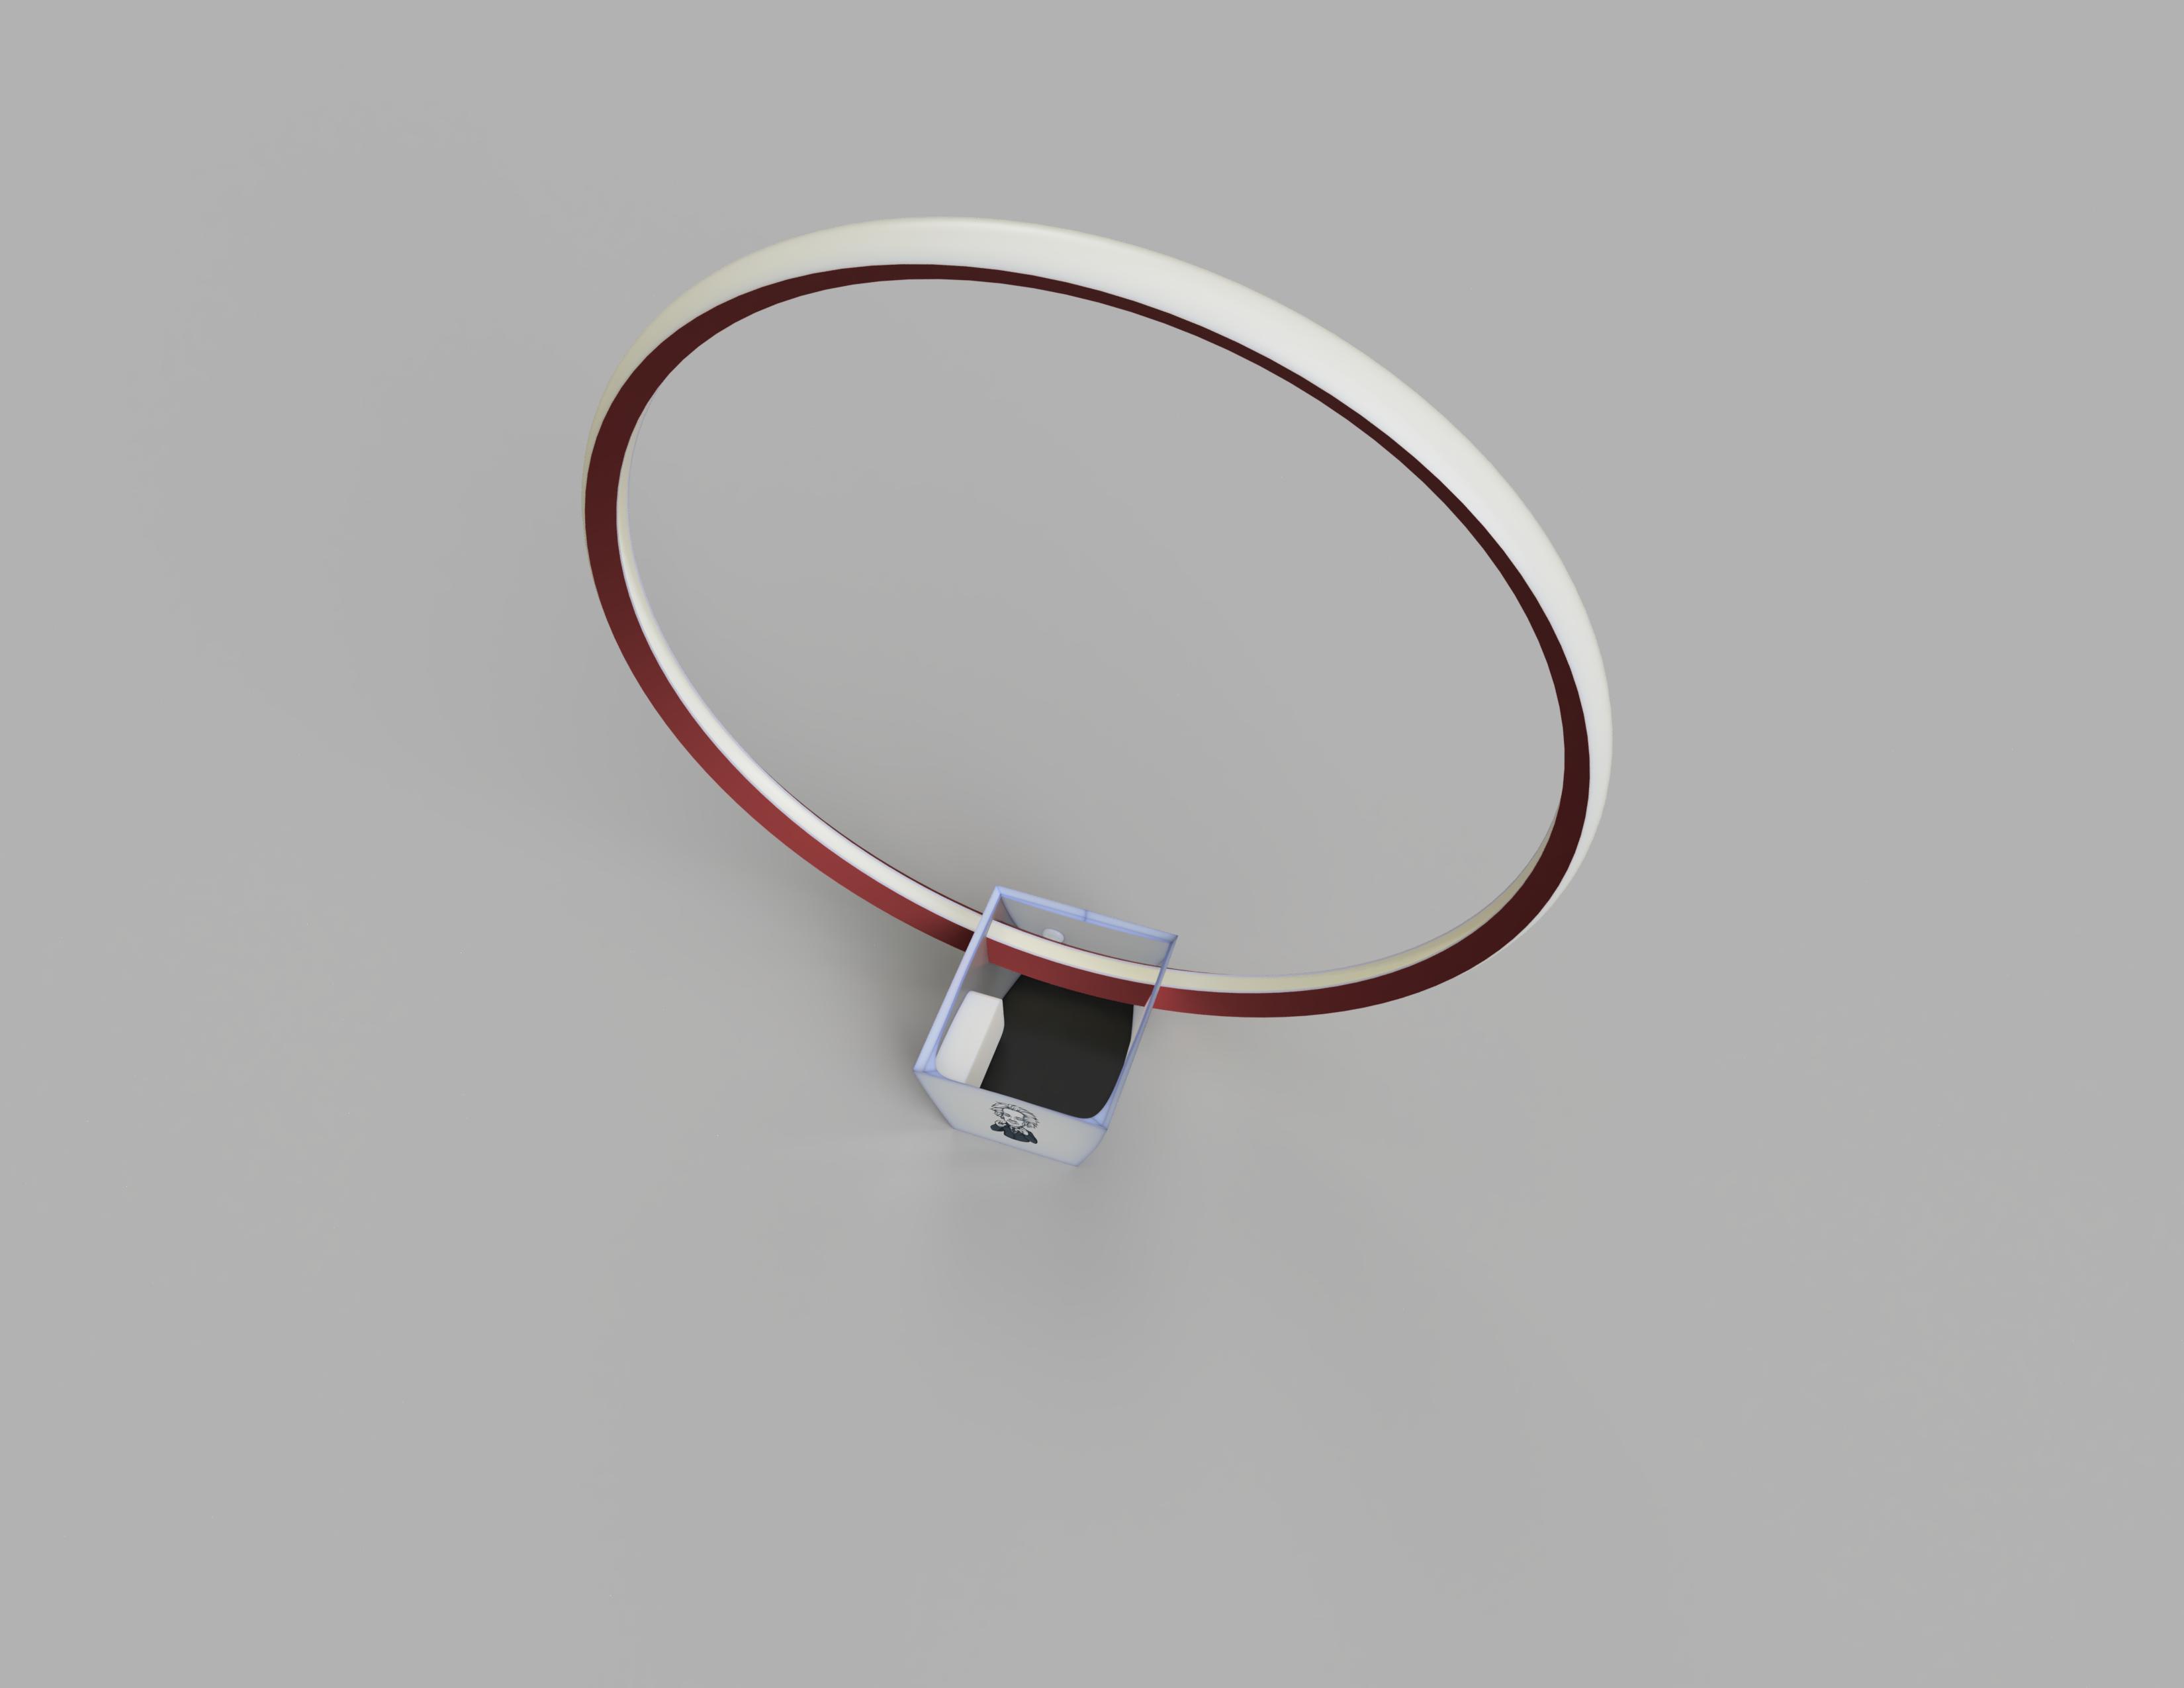 Lampara Mesada Render 1.PNG Télécharger fichier STL gratuit Lampe - Circulaire LED - Circulaire • Design pour impression 3D, JDF89